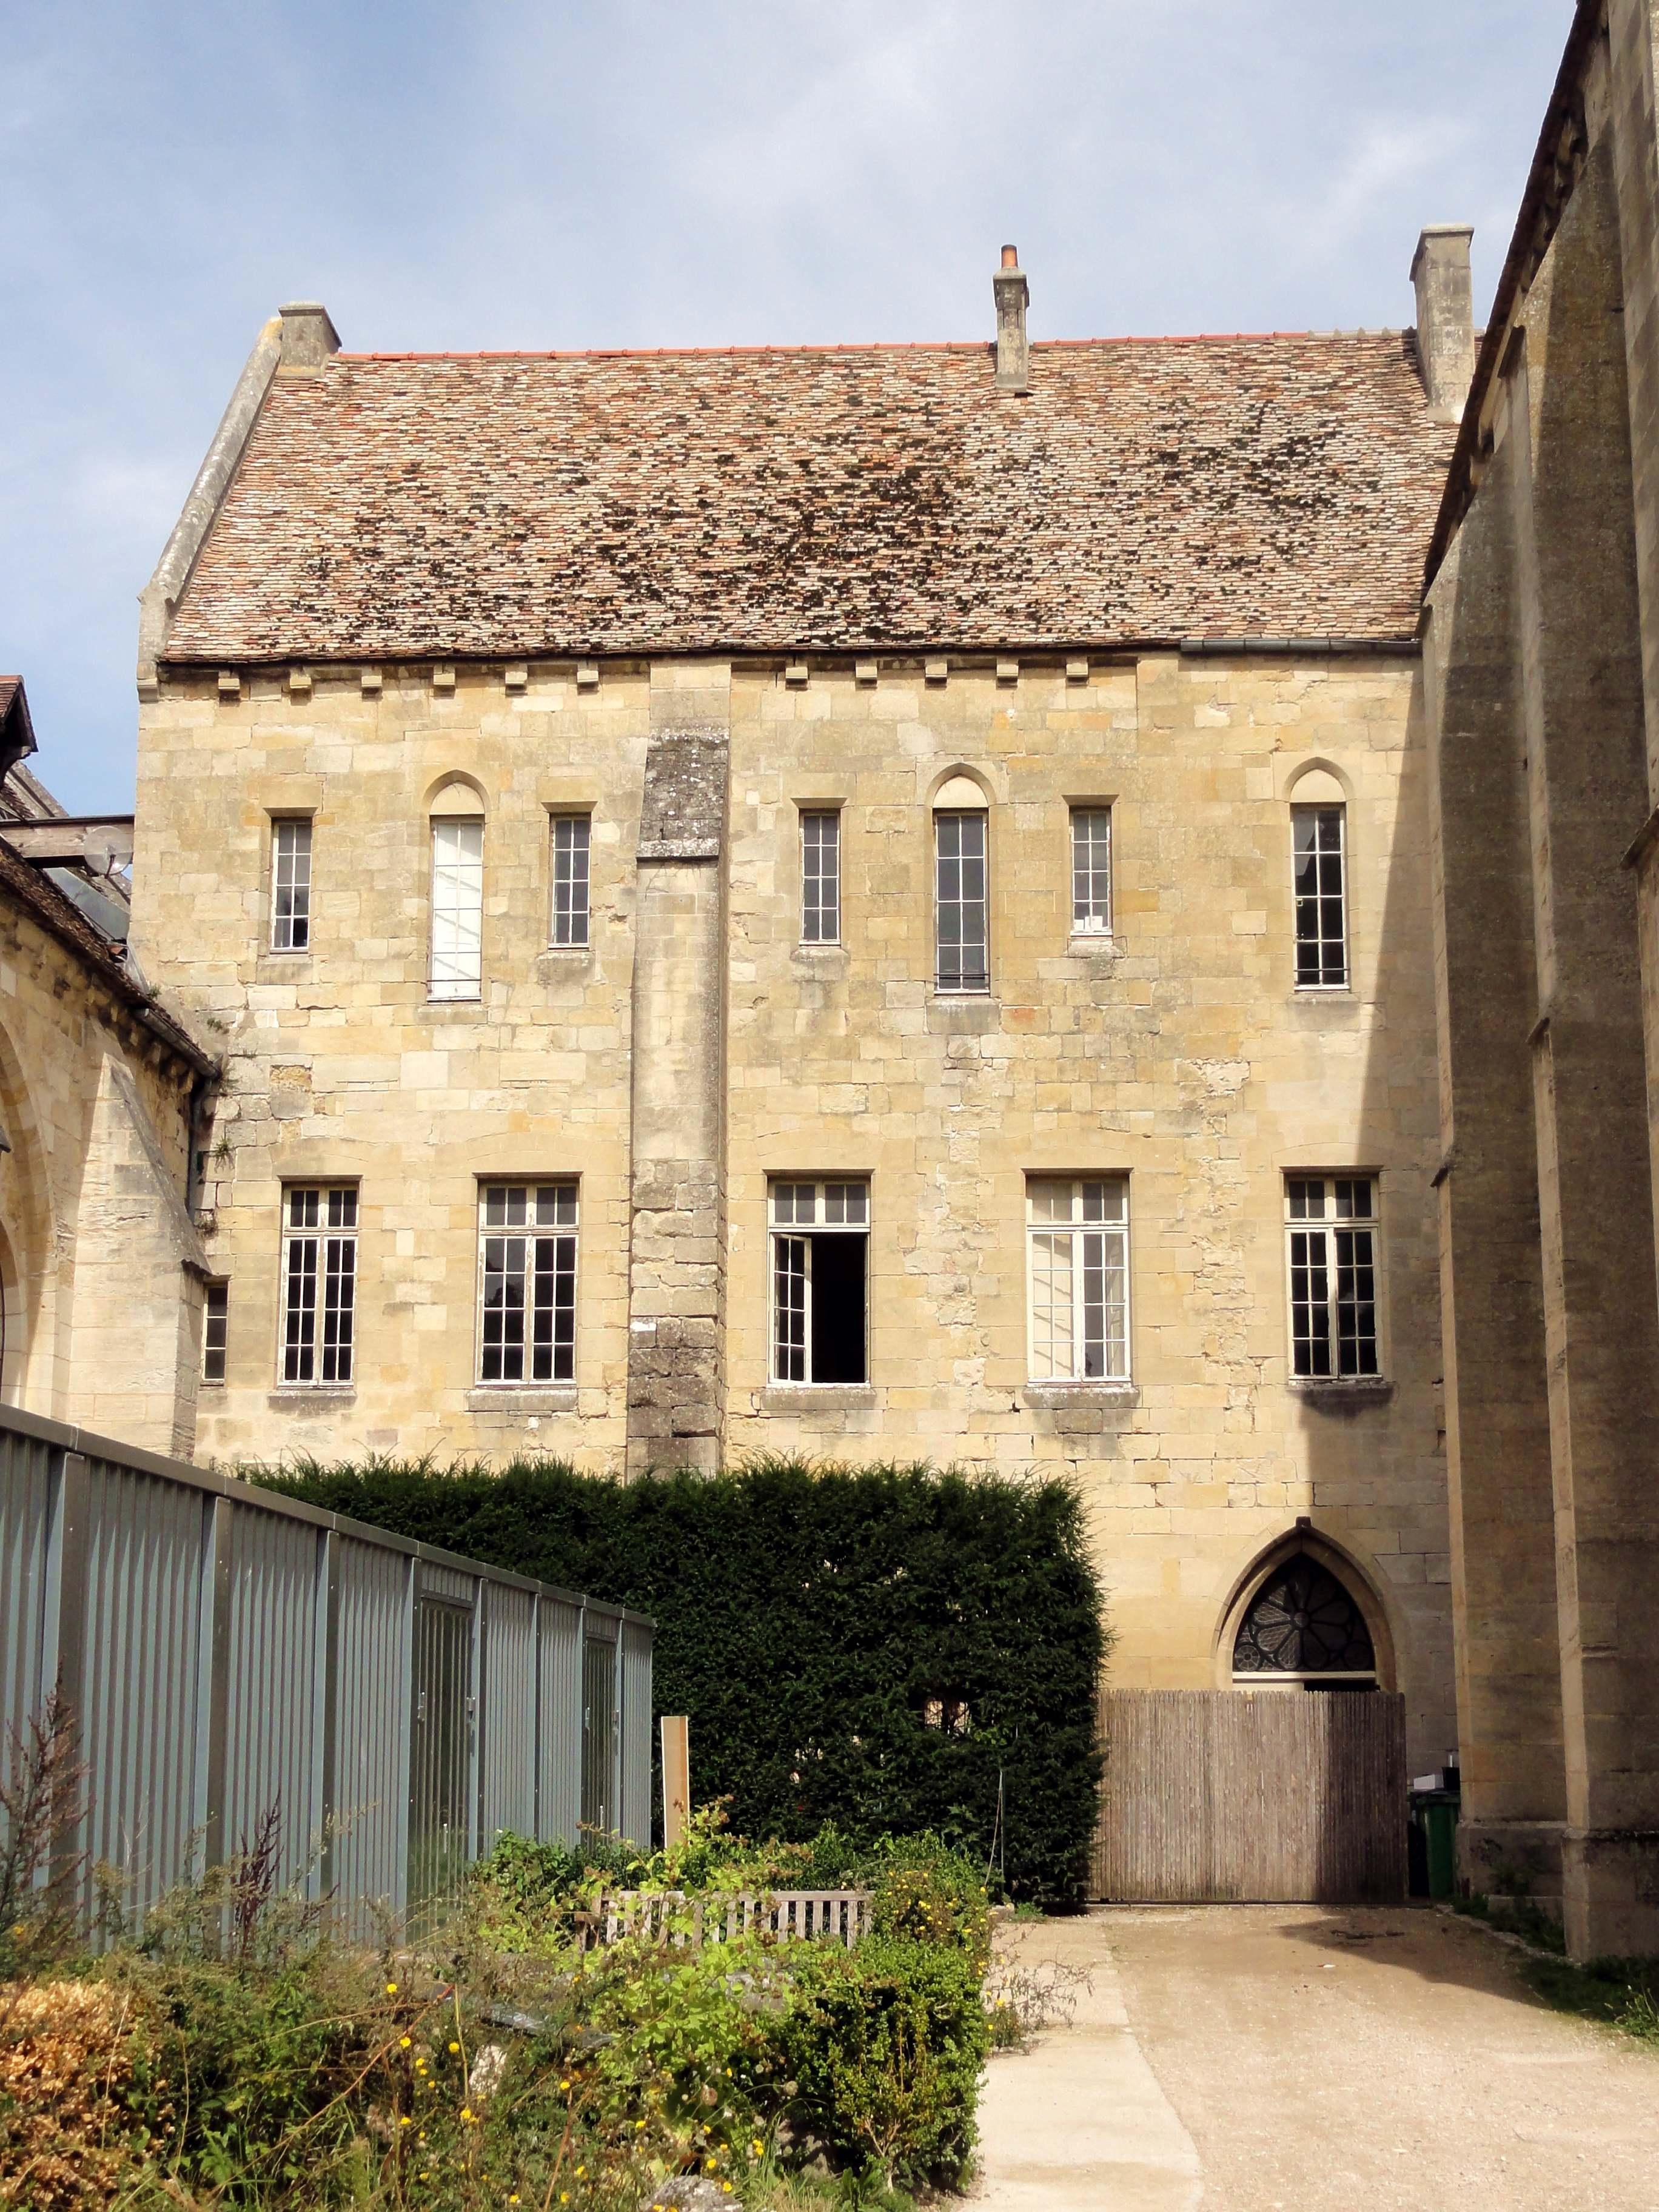 Fichier:Asnières-sur-Oise (95), abbaye de Royaumont, bâtimen